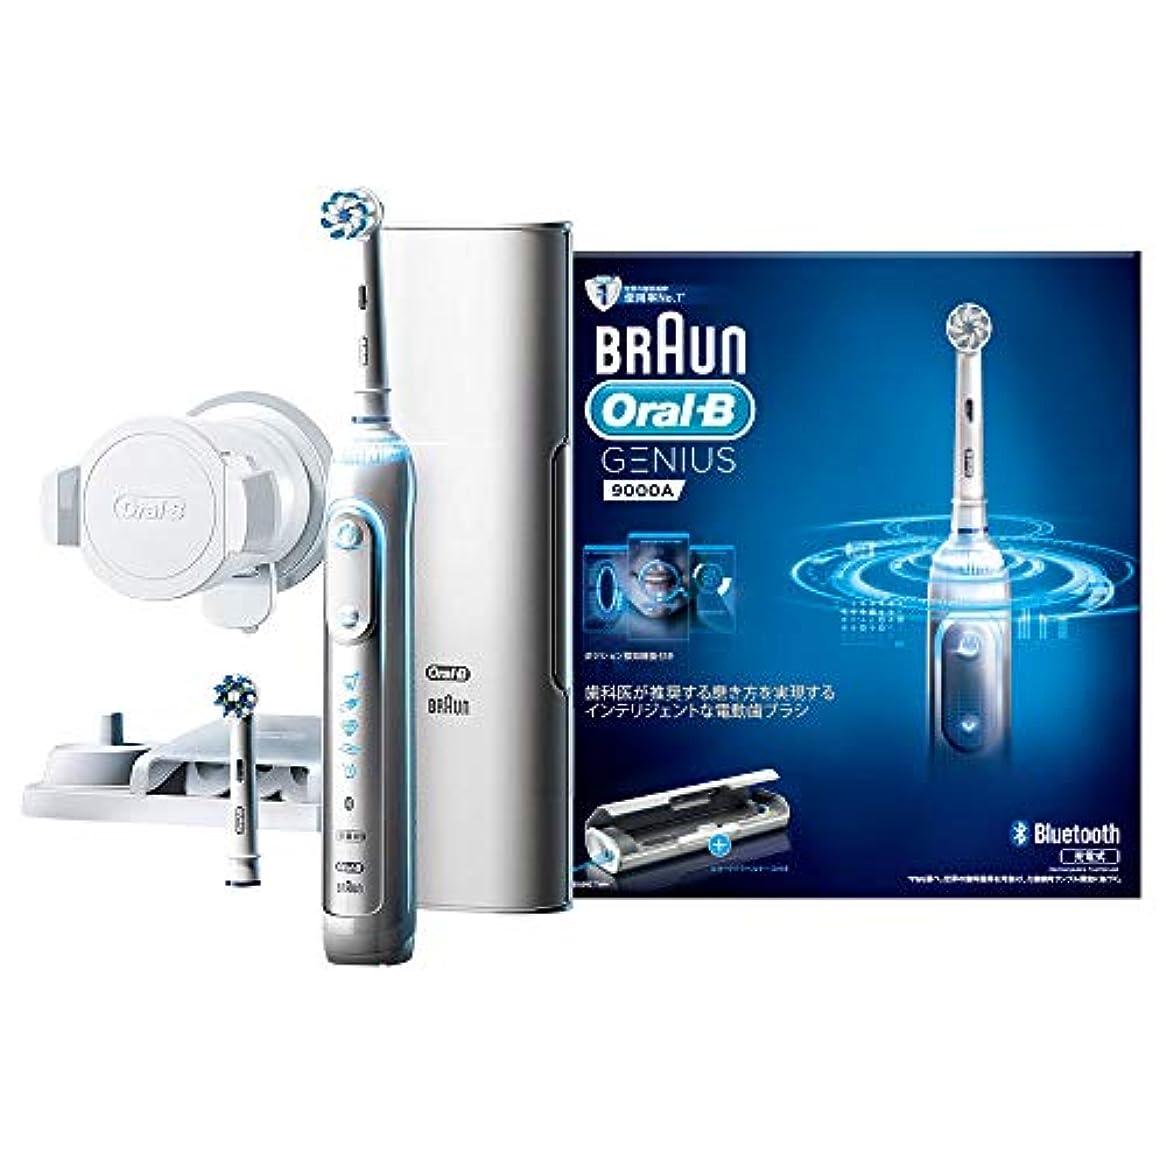 鎮痛剤次へ絶対のブラウン オーラルB 電動歯ブラシ ジーニアス9000 ホワイト D7015256XCTWH